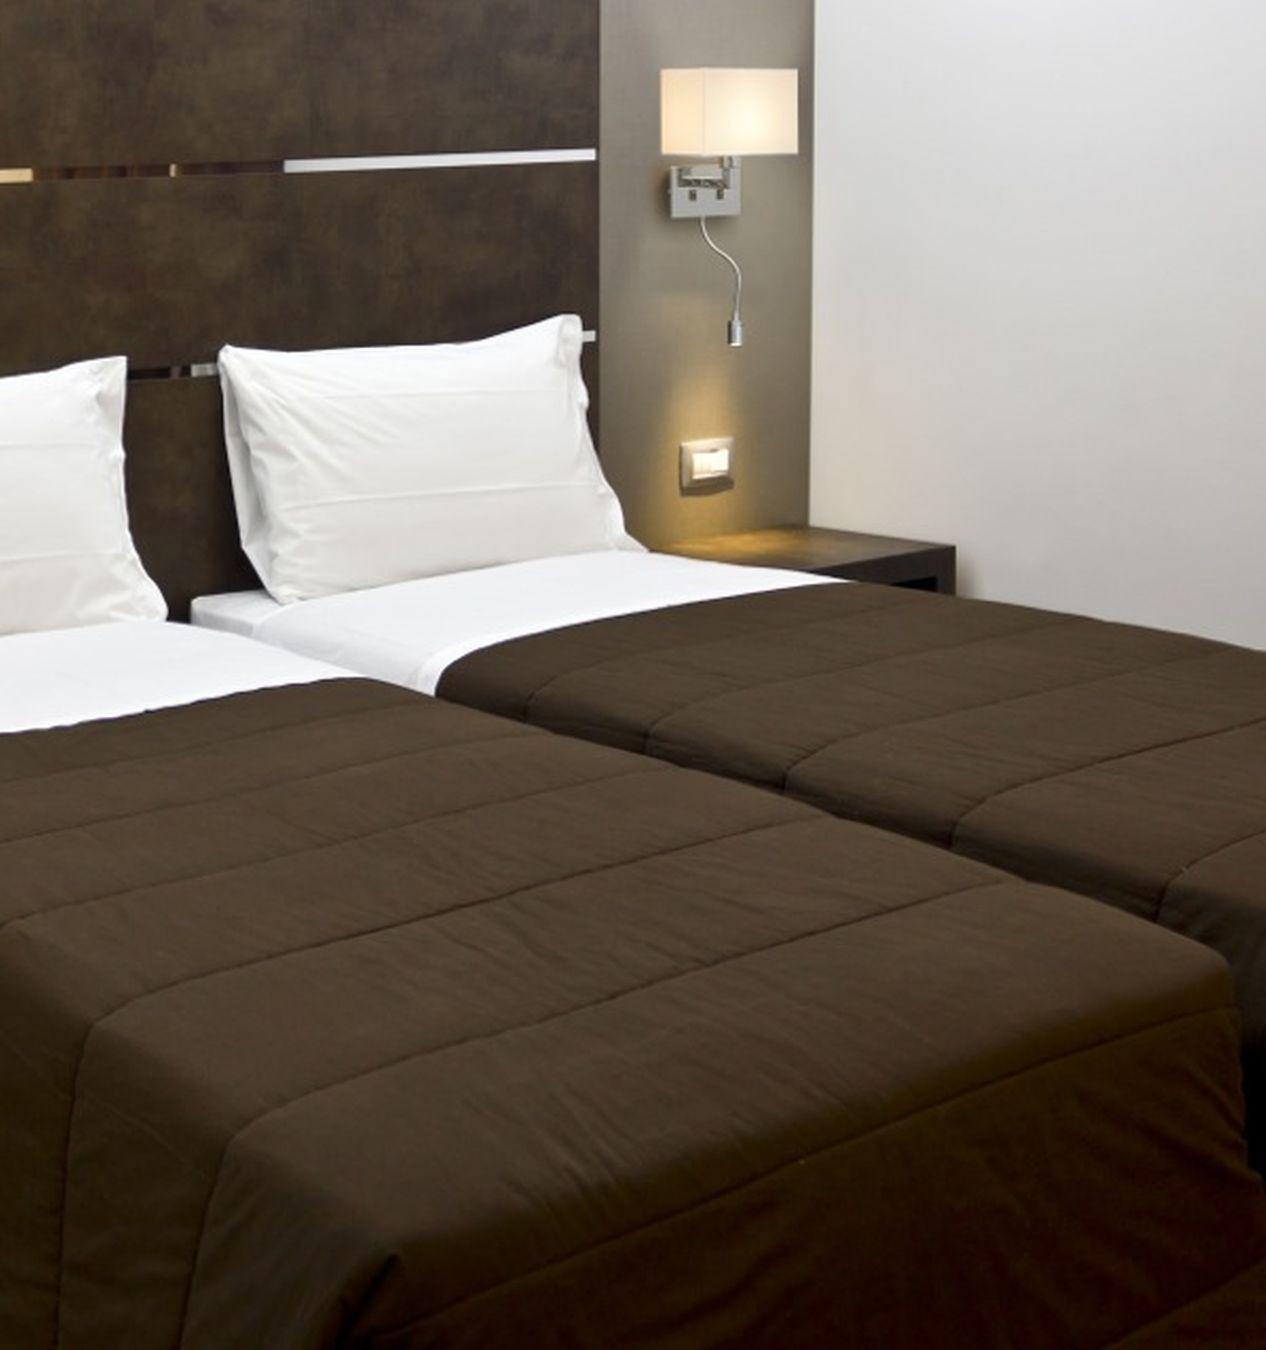 Iluminacin de habitaciones de hoteles Las lmparas para mesita de noche  Blog de Iluminacin